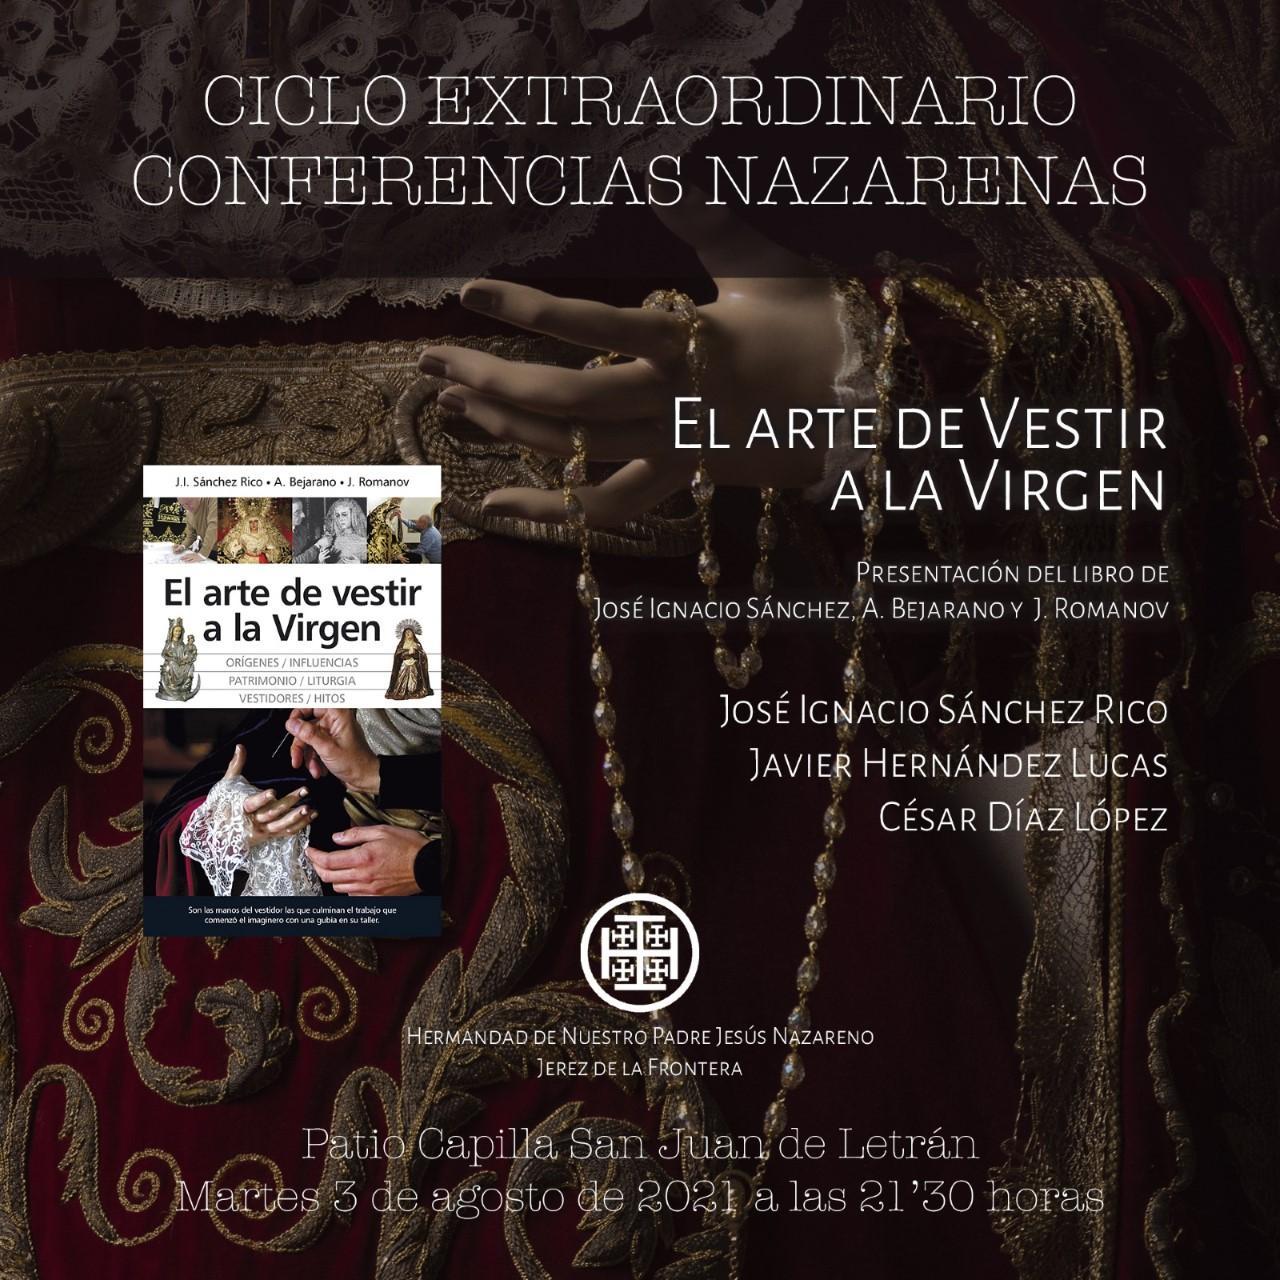 Nueva cita, este martes, en San Juan de Letrán